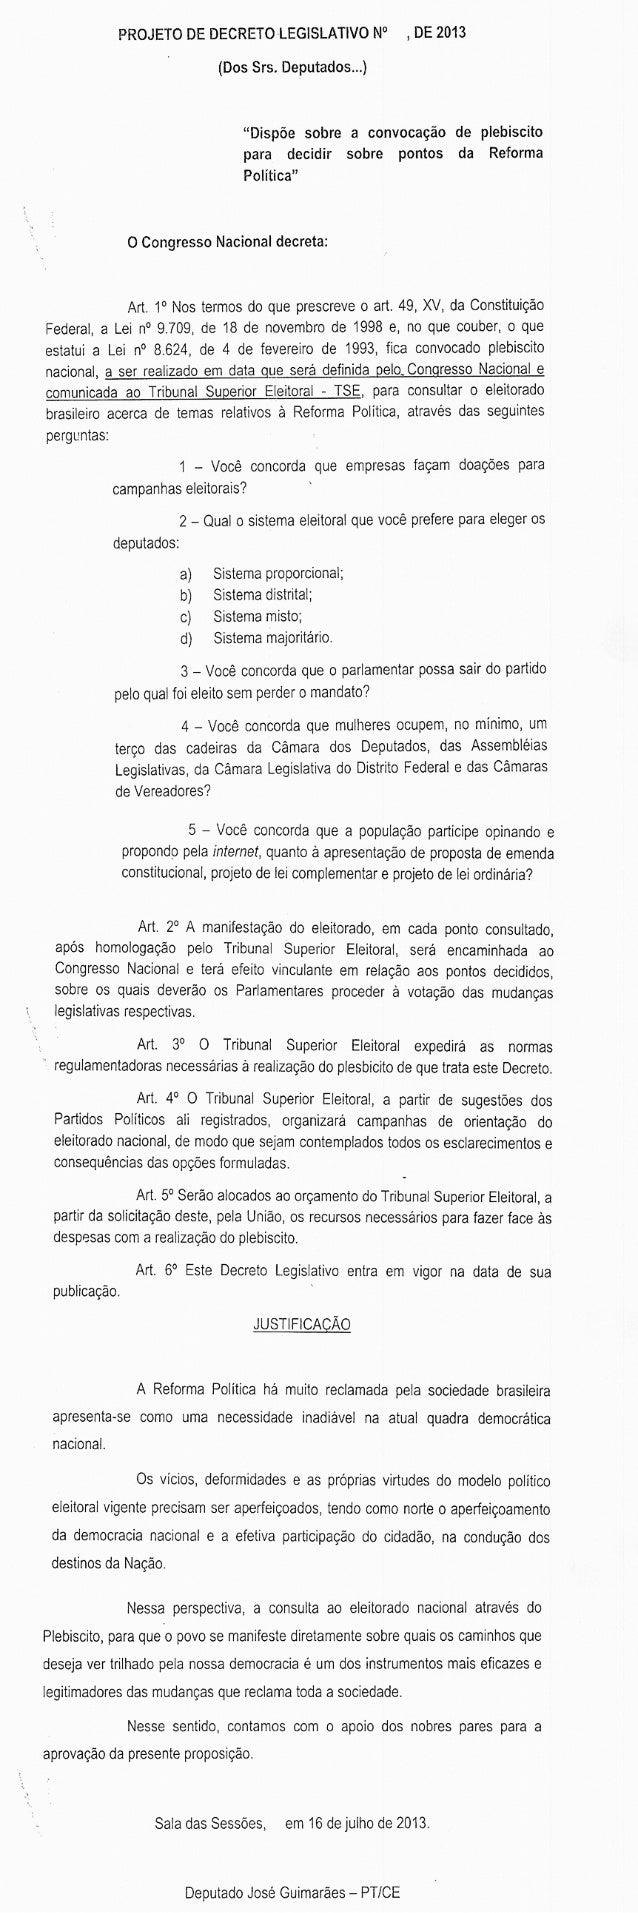 Projeto de lei apresentado por deputado do PT pede convocação de plebiscito para reforma política e propõe perguntas